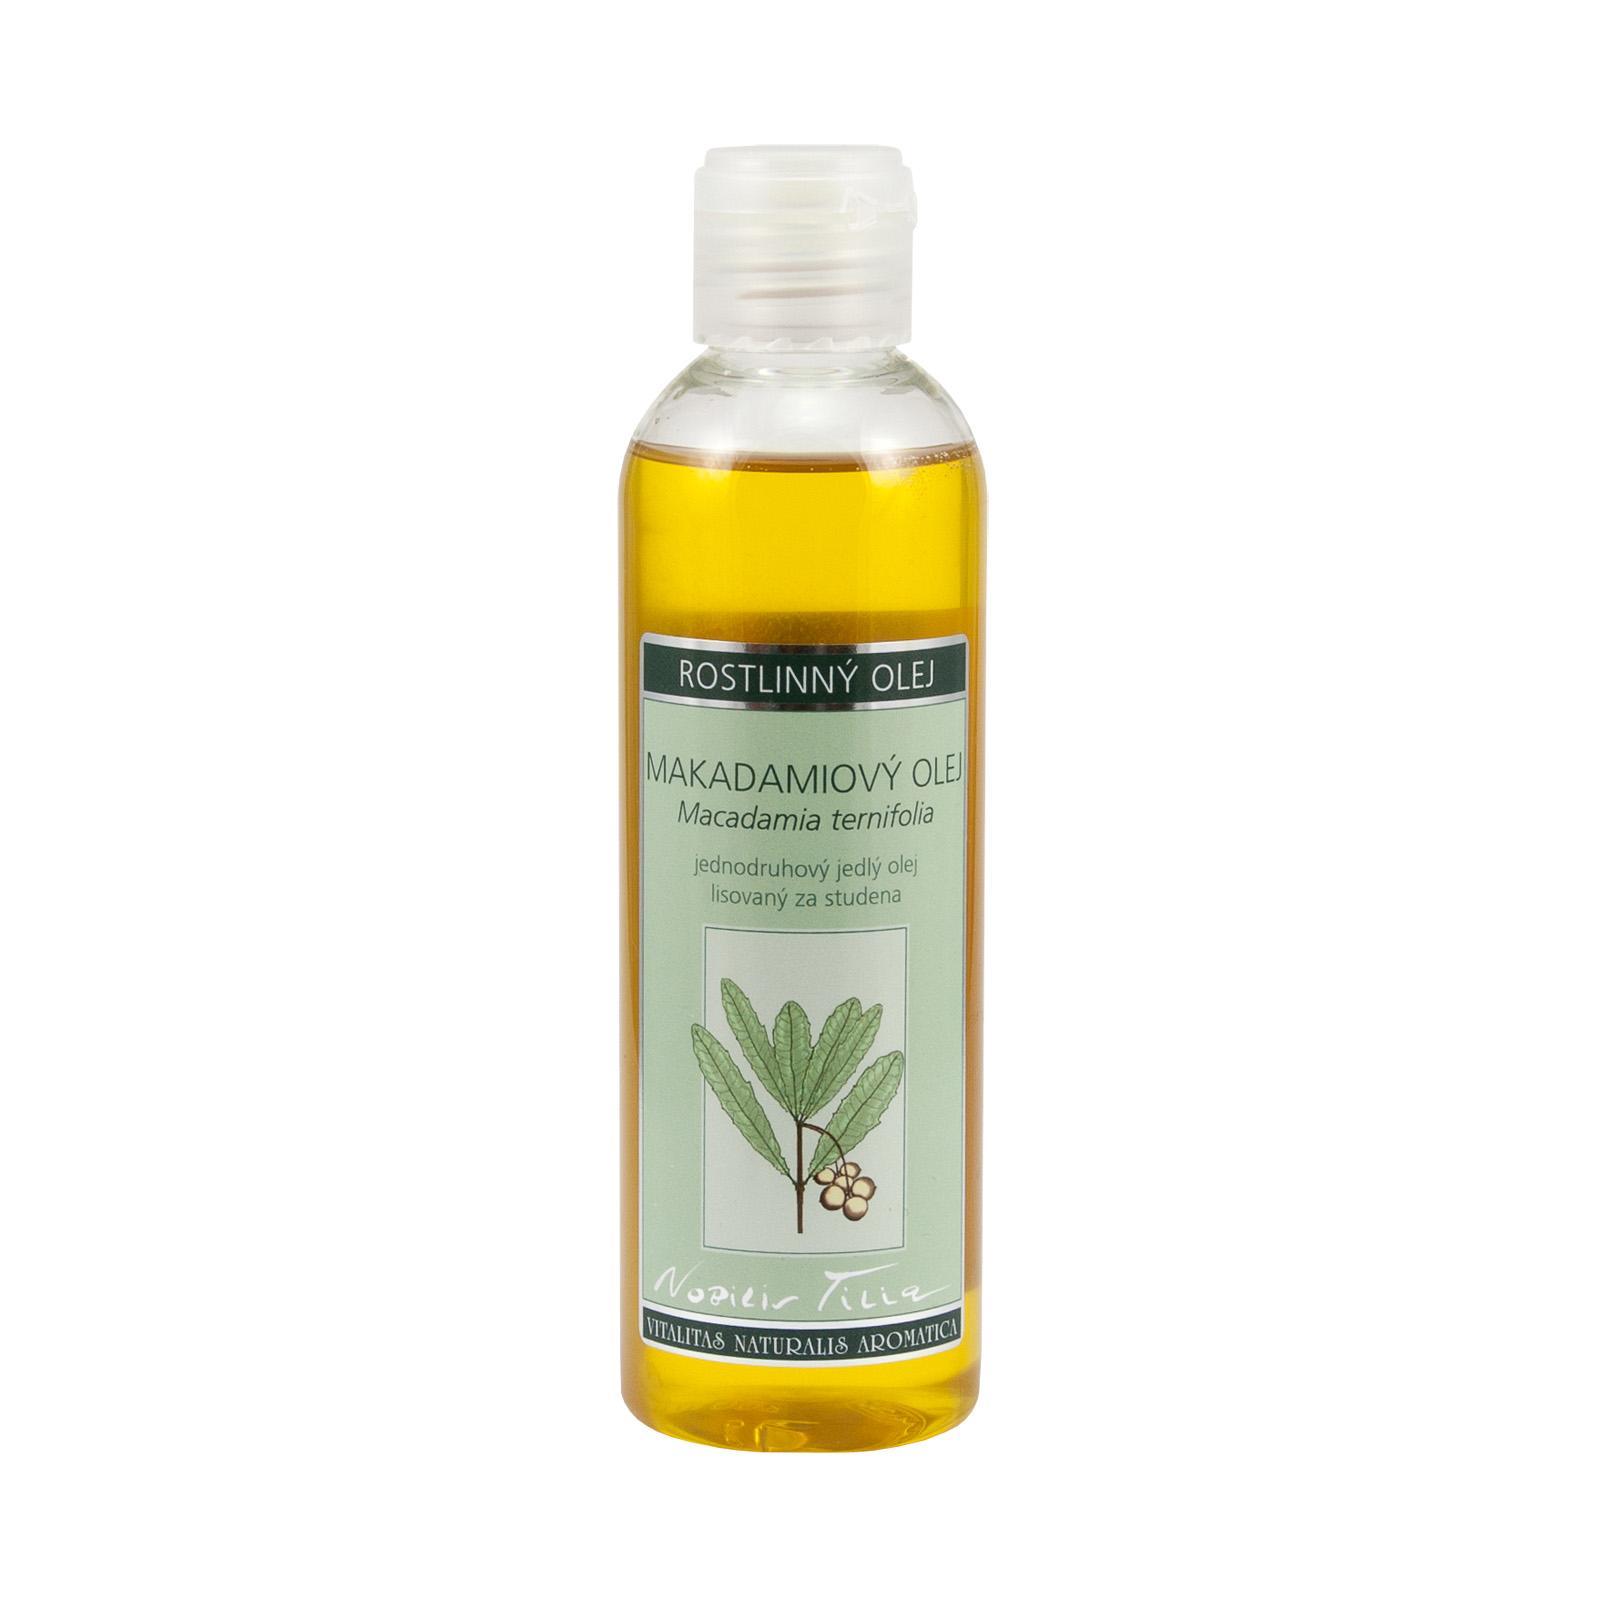 Nobilis Tilia Makadamiový olej 200 ml